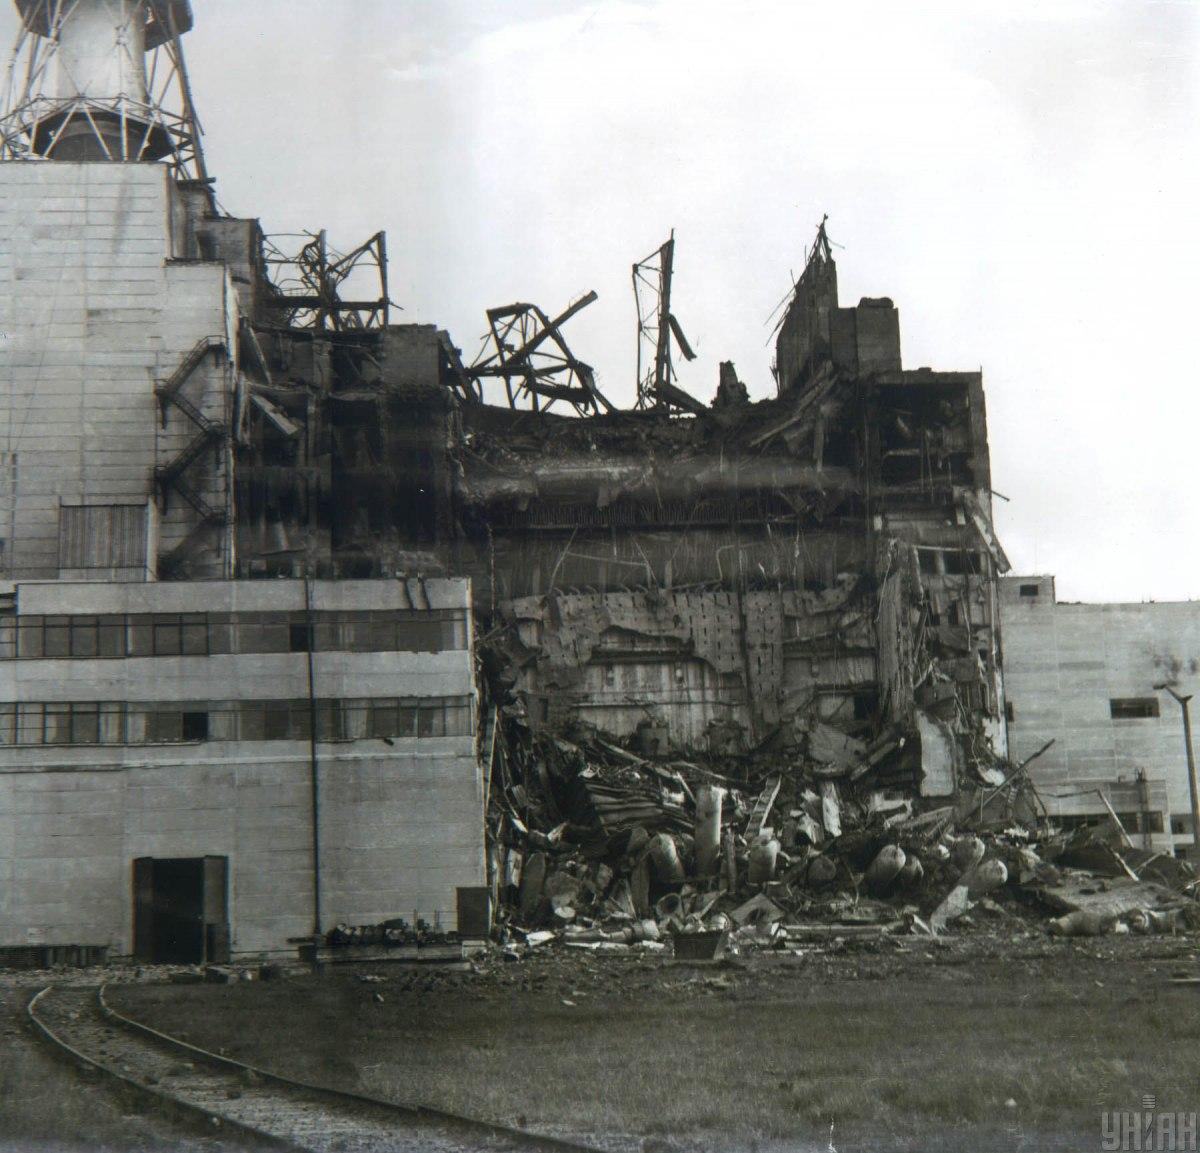 """Лелеченко нам розповідав: """"Я побачив графіт"""". Вже було зрозуміло, що реактор розірвало / фото УНІАН, Анатолій Рассказов"""